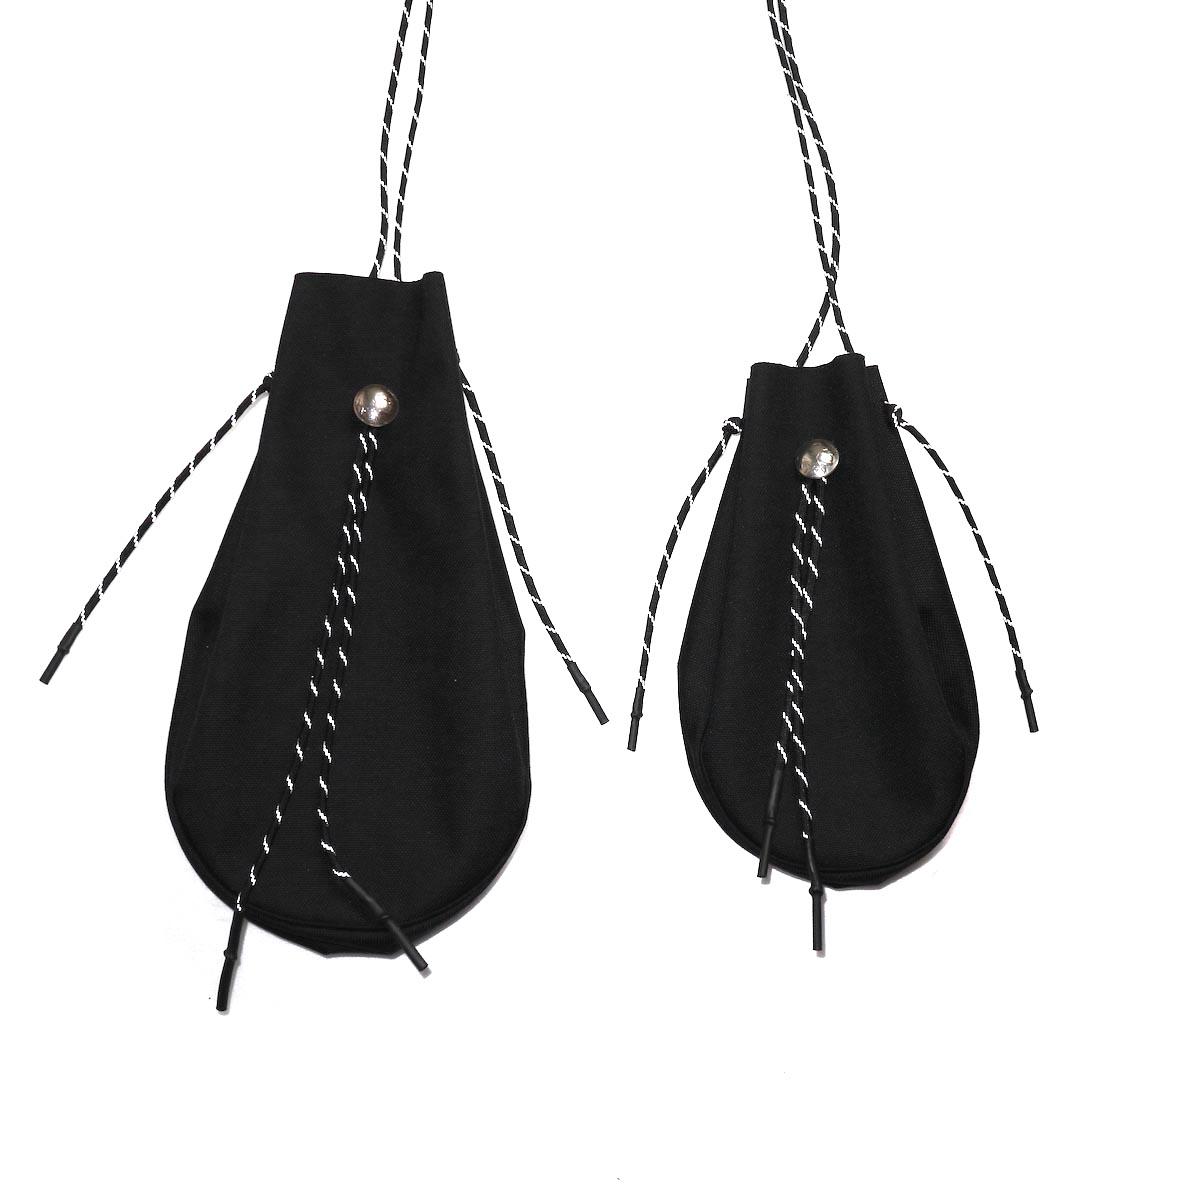 吉岡衣料店 / drawstring bag -L-. (Coyote)  Sとの比較